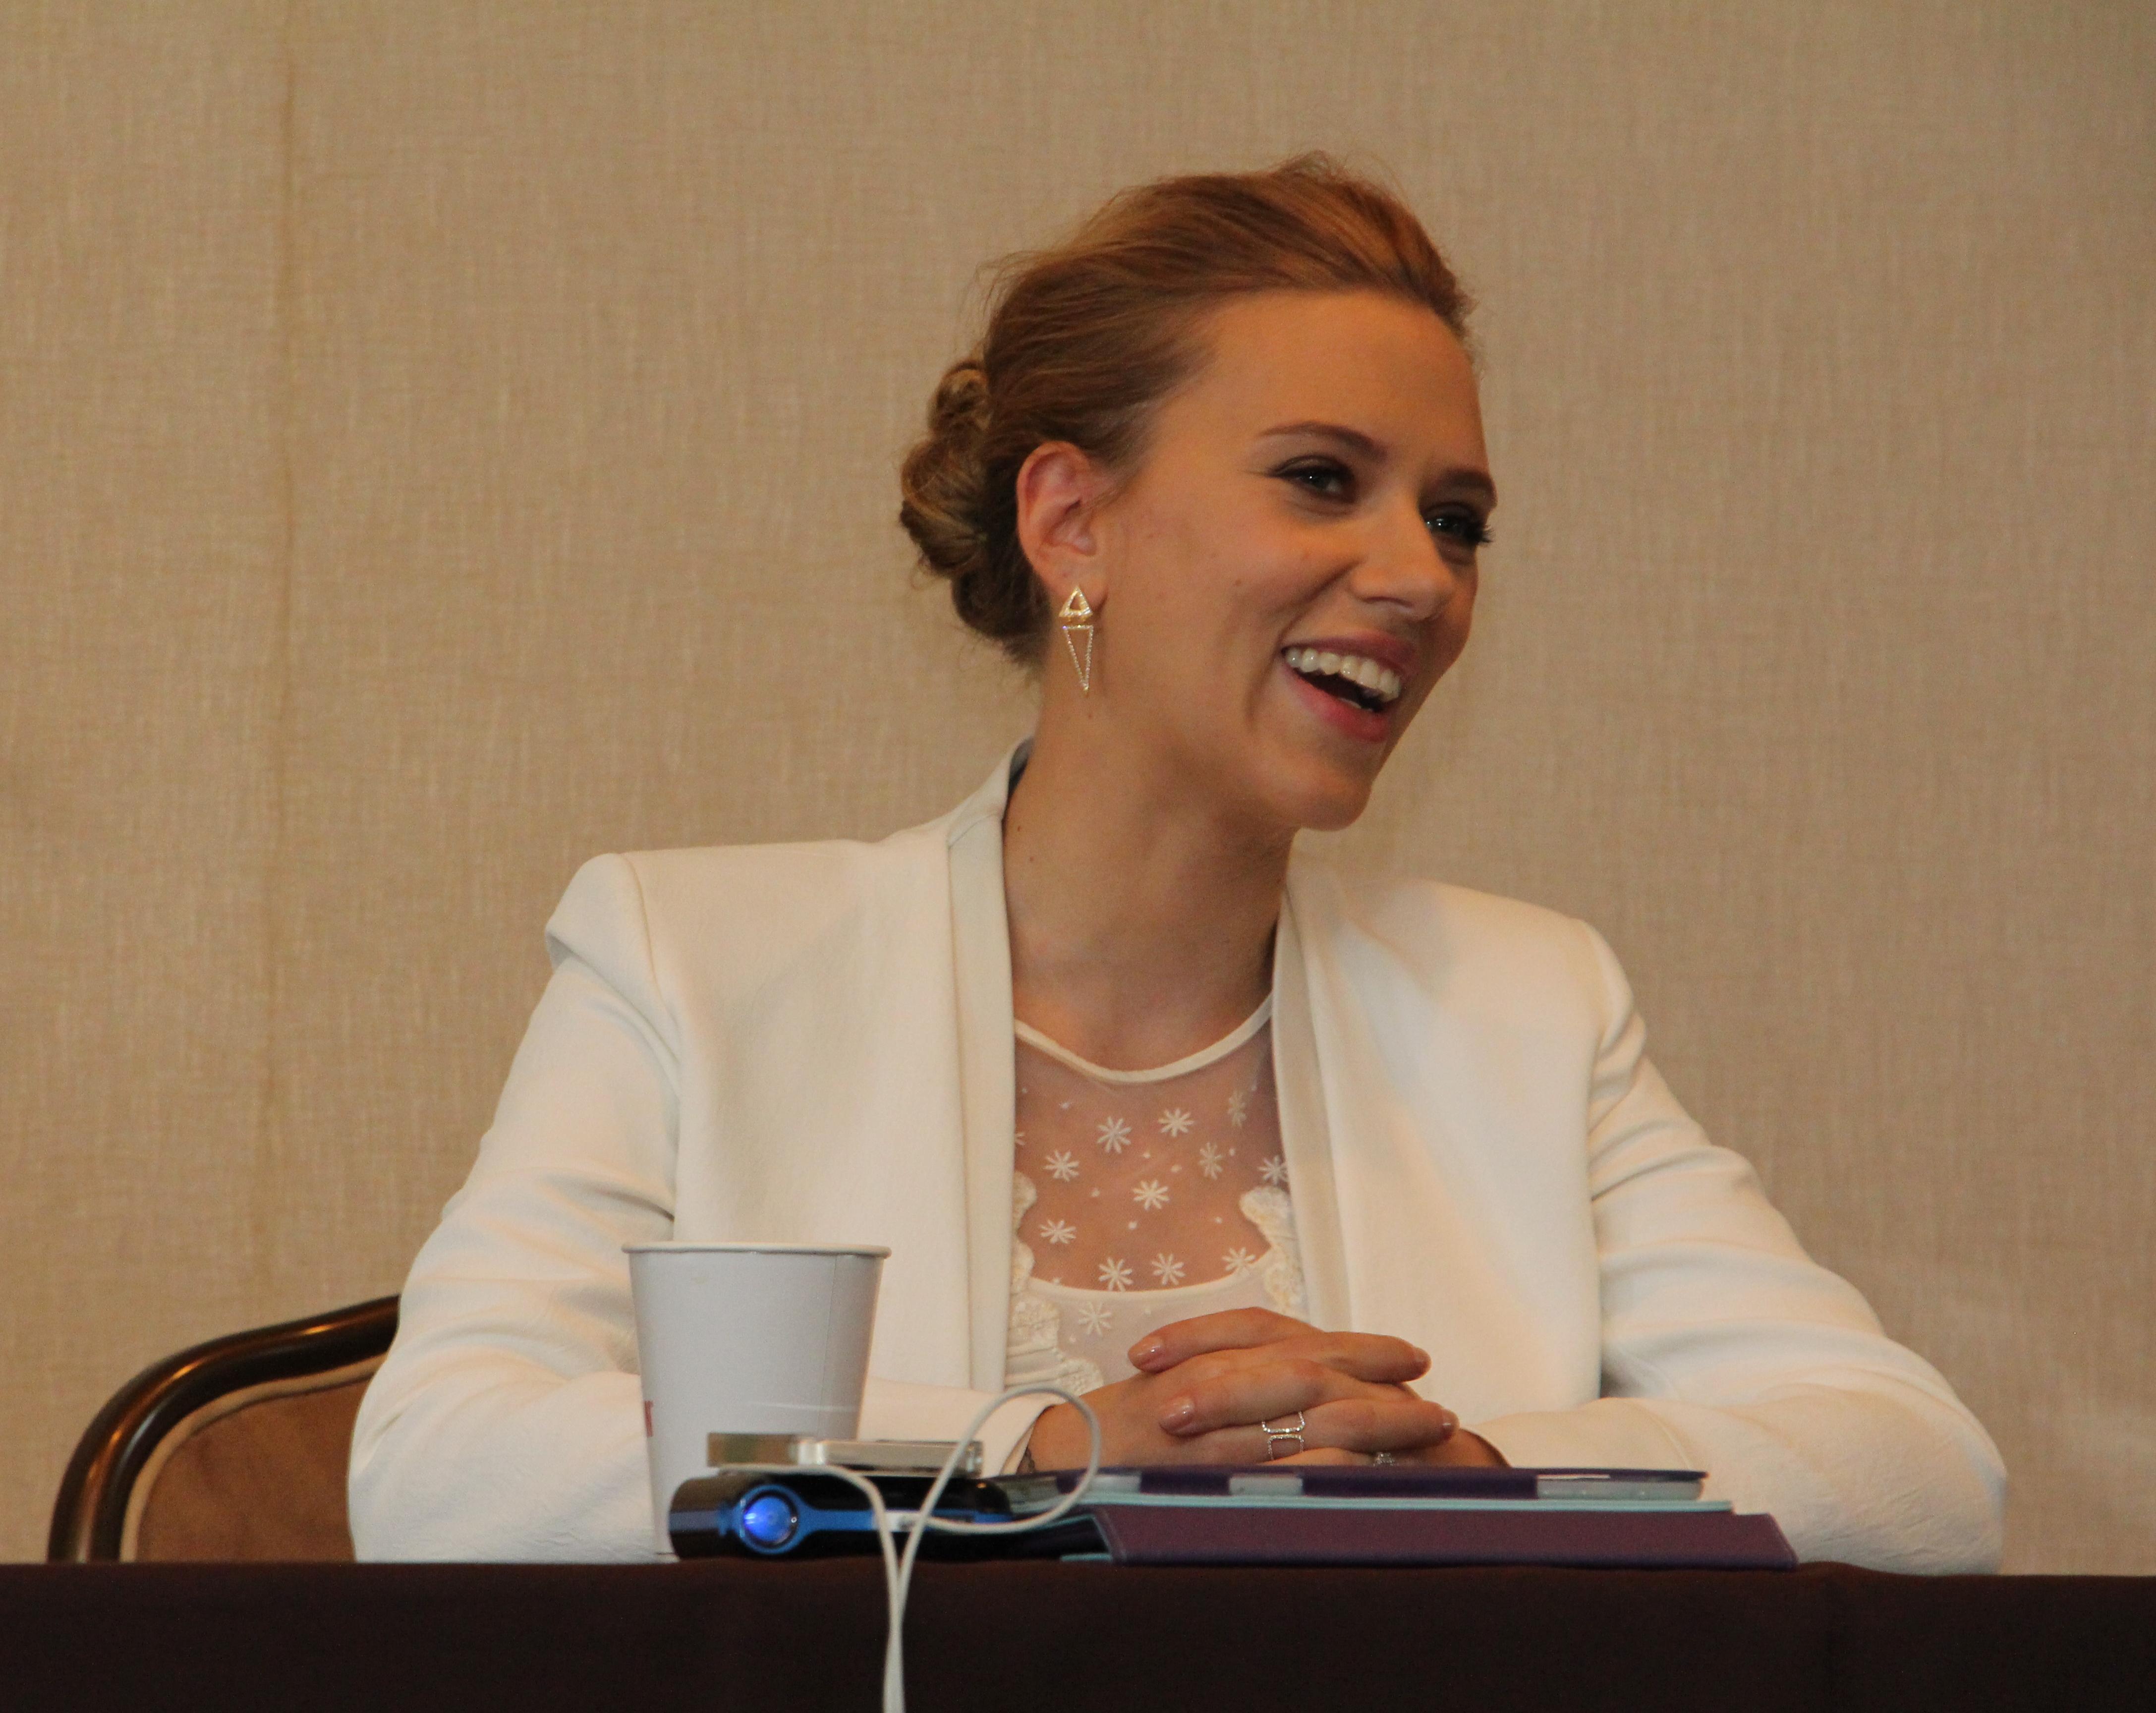 Scarlett Johansson #CaptainAmericaEvent